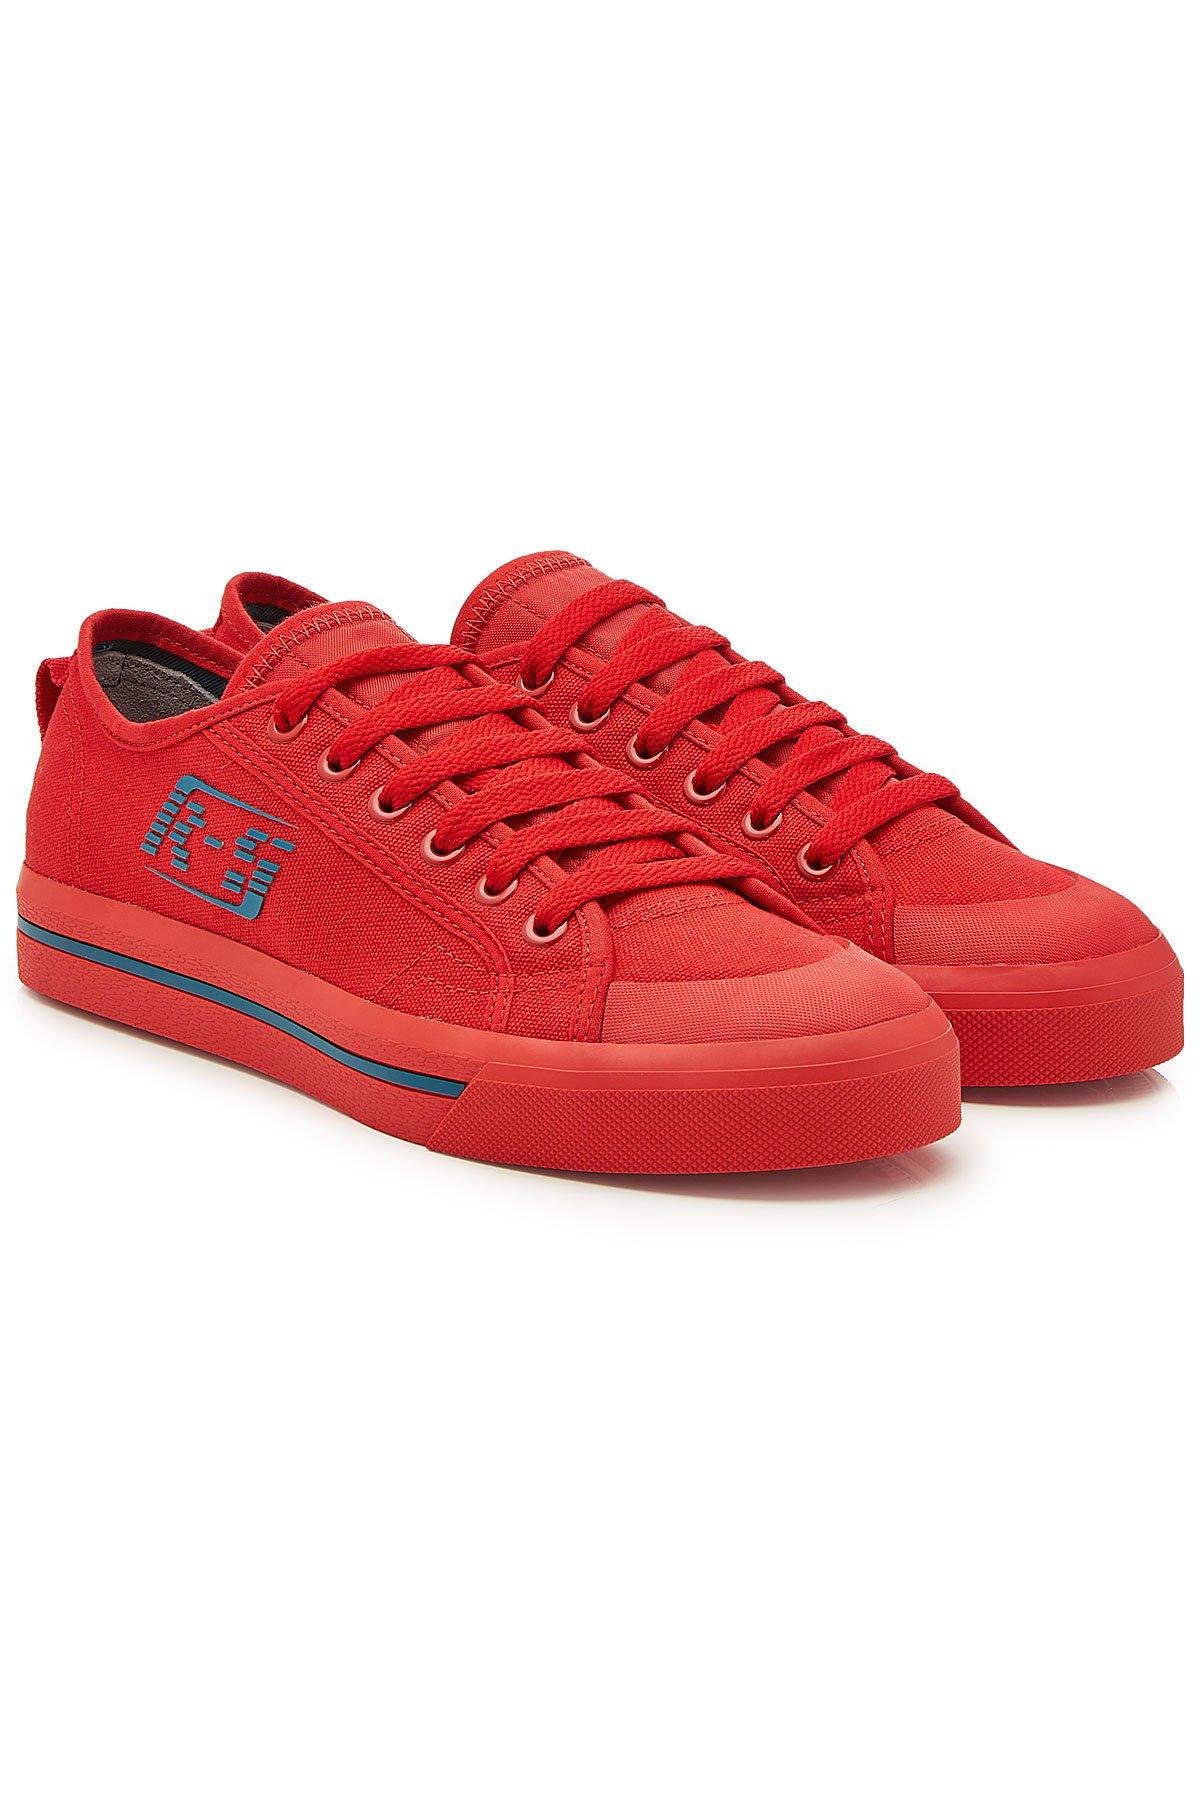 RS Spirit Low Top Sneakers Gr. UK 8